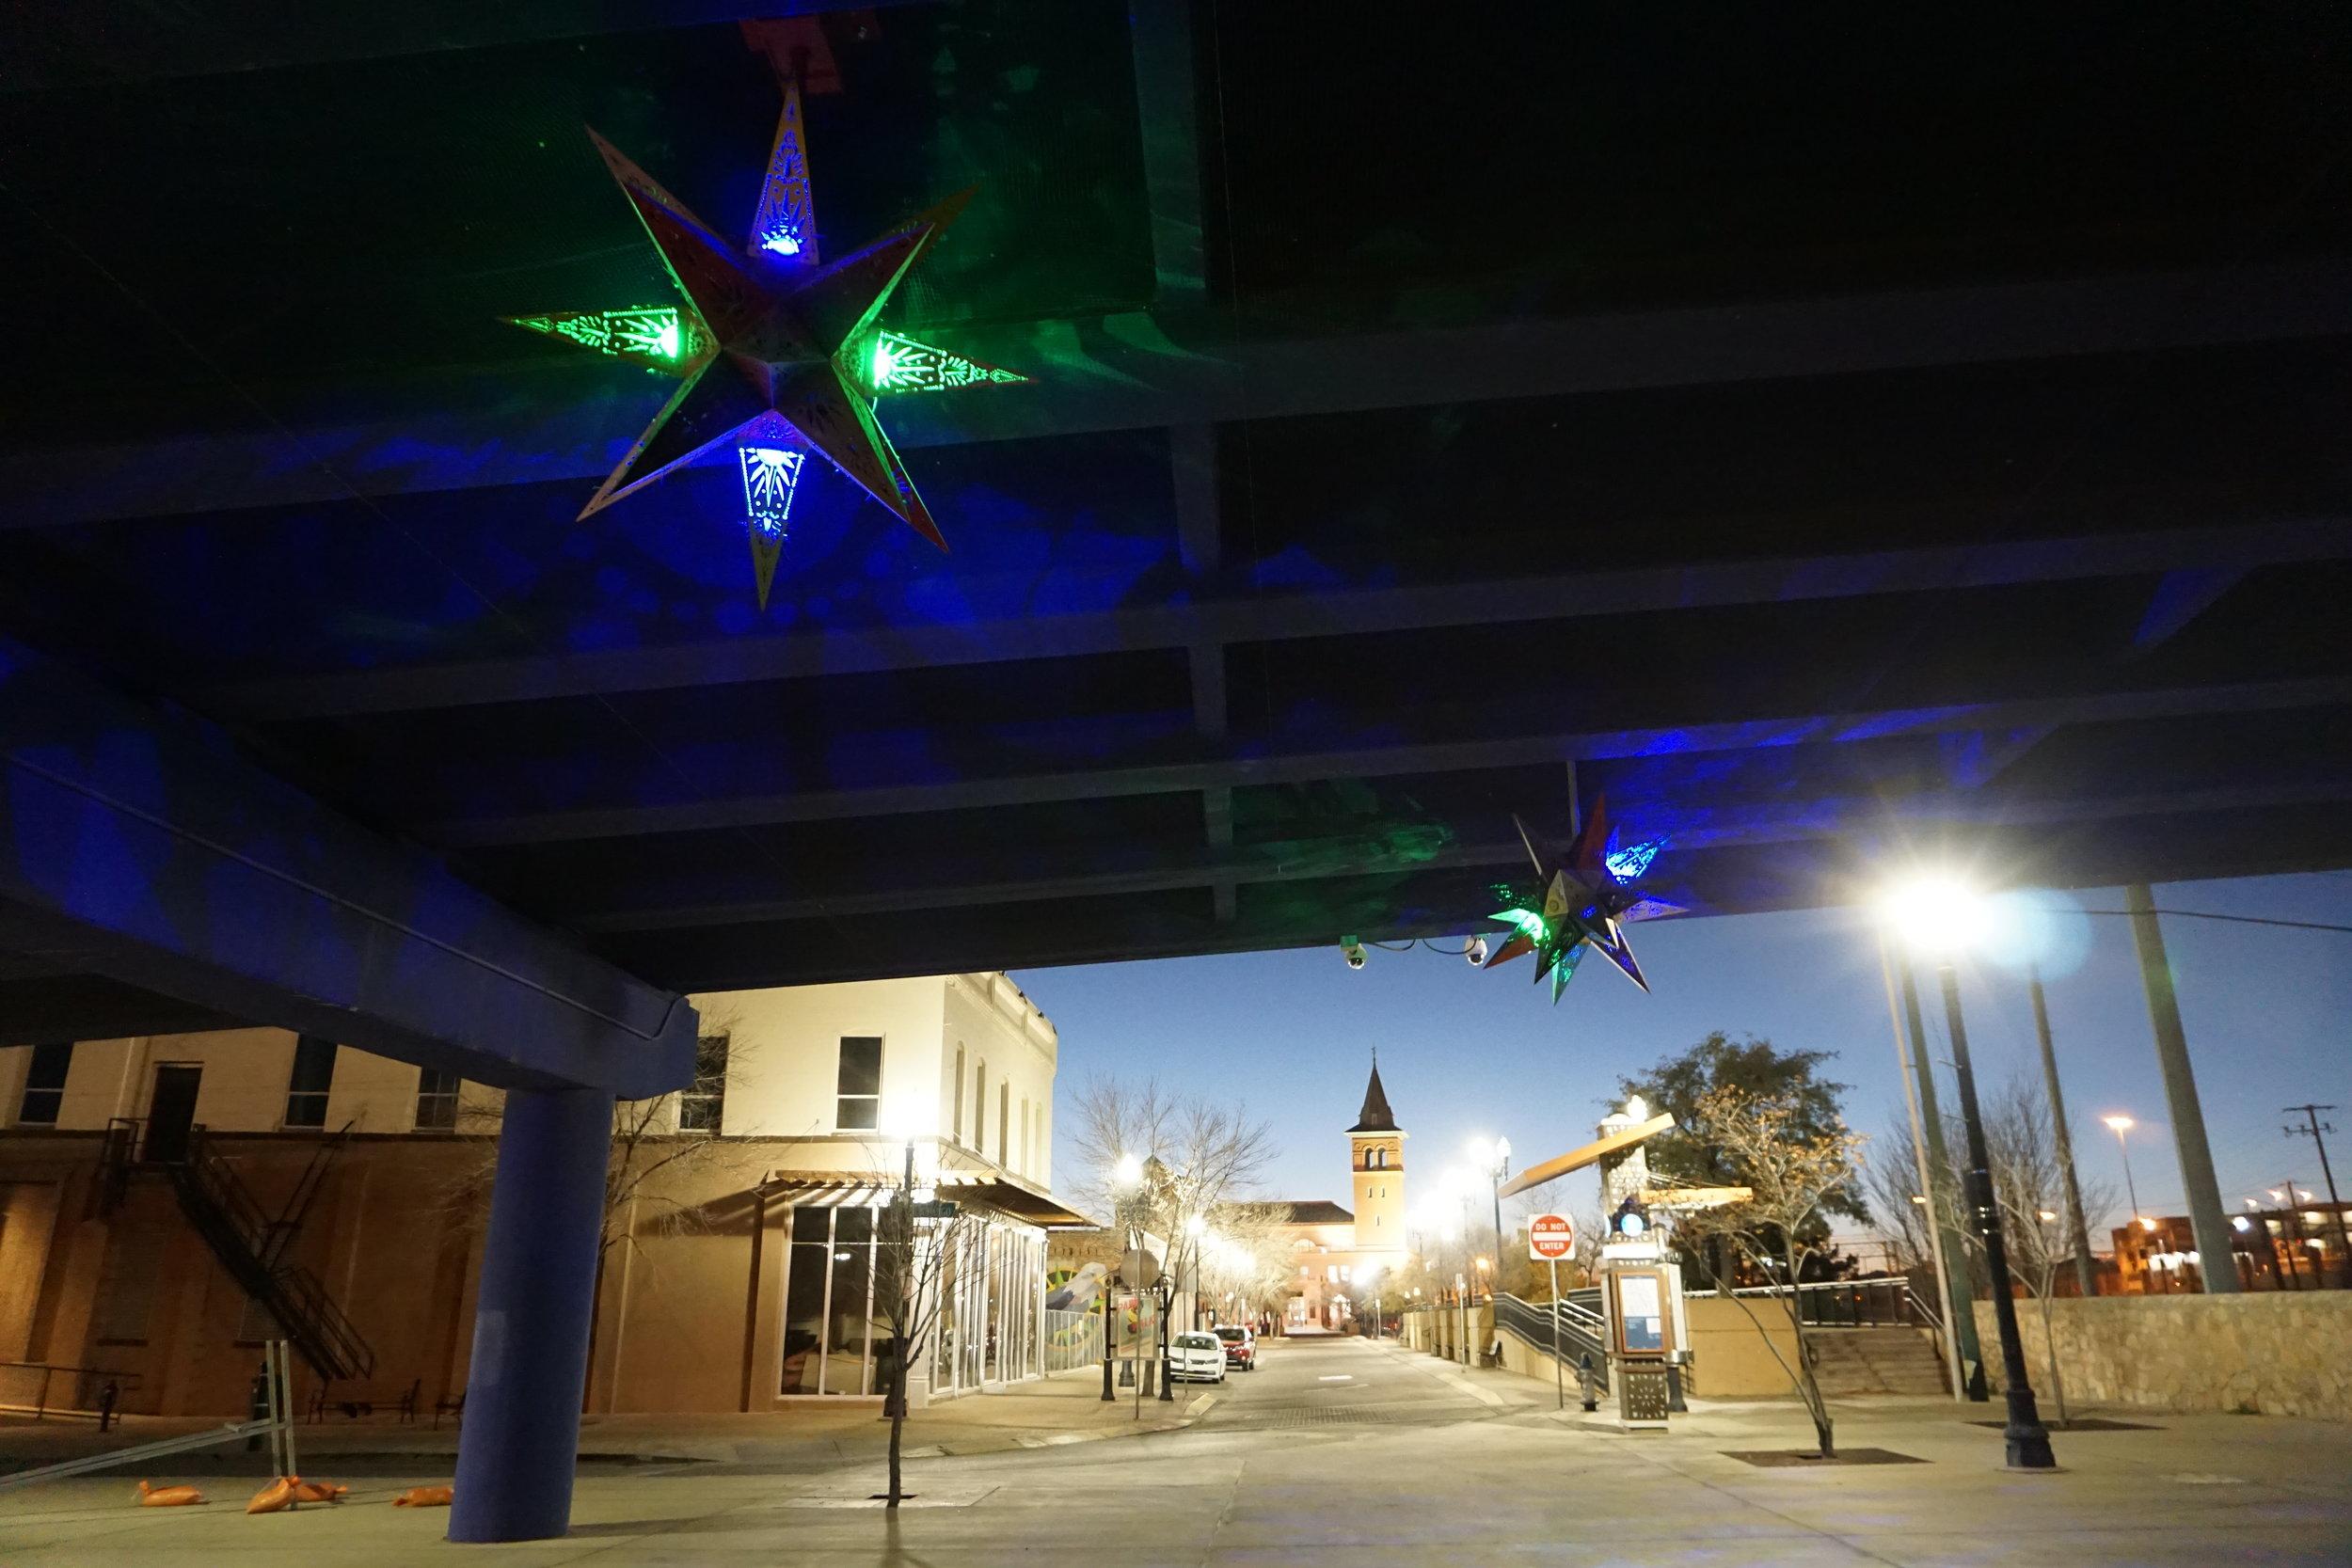 El Paso, Texas at night